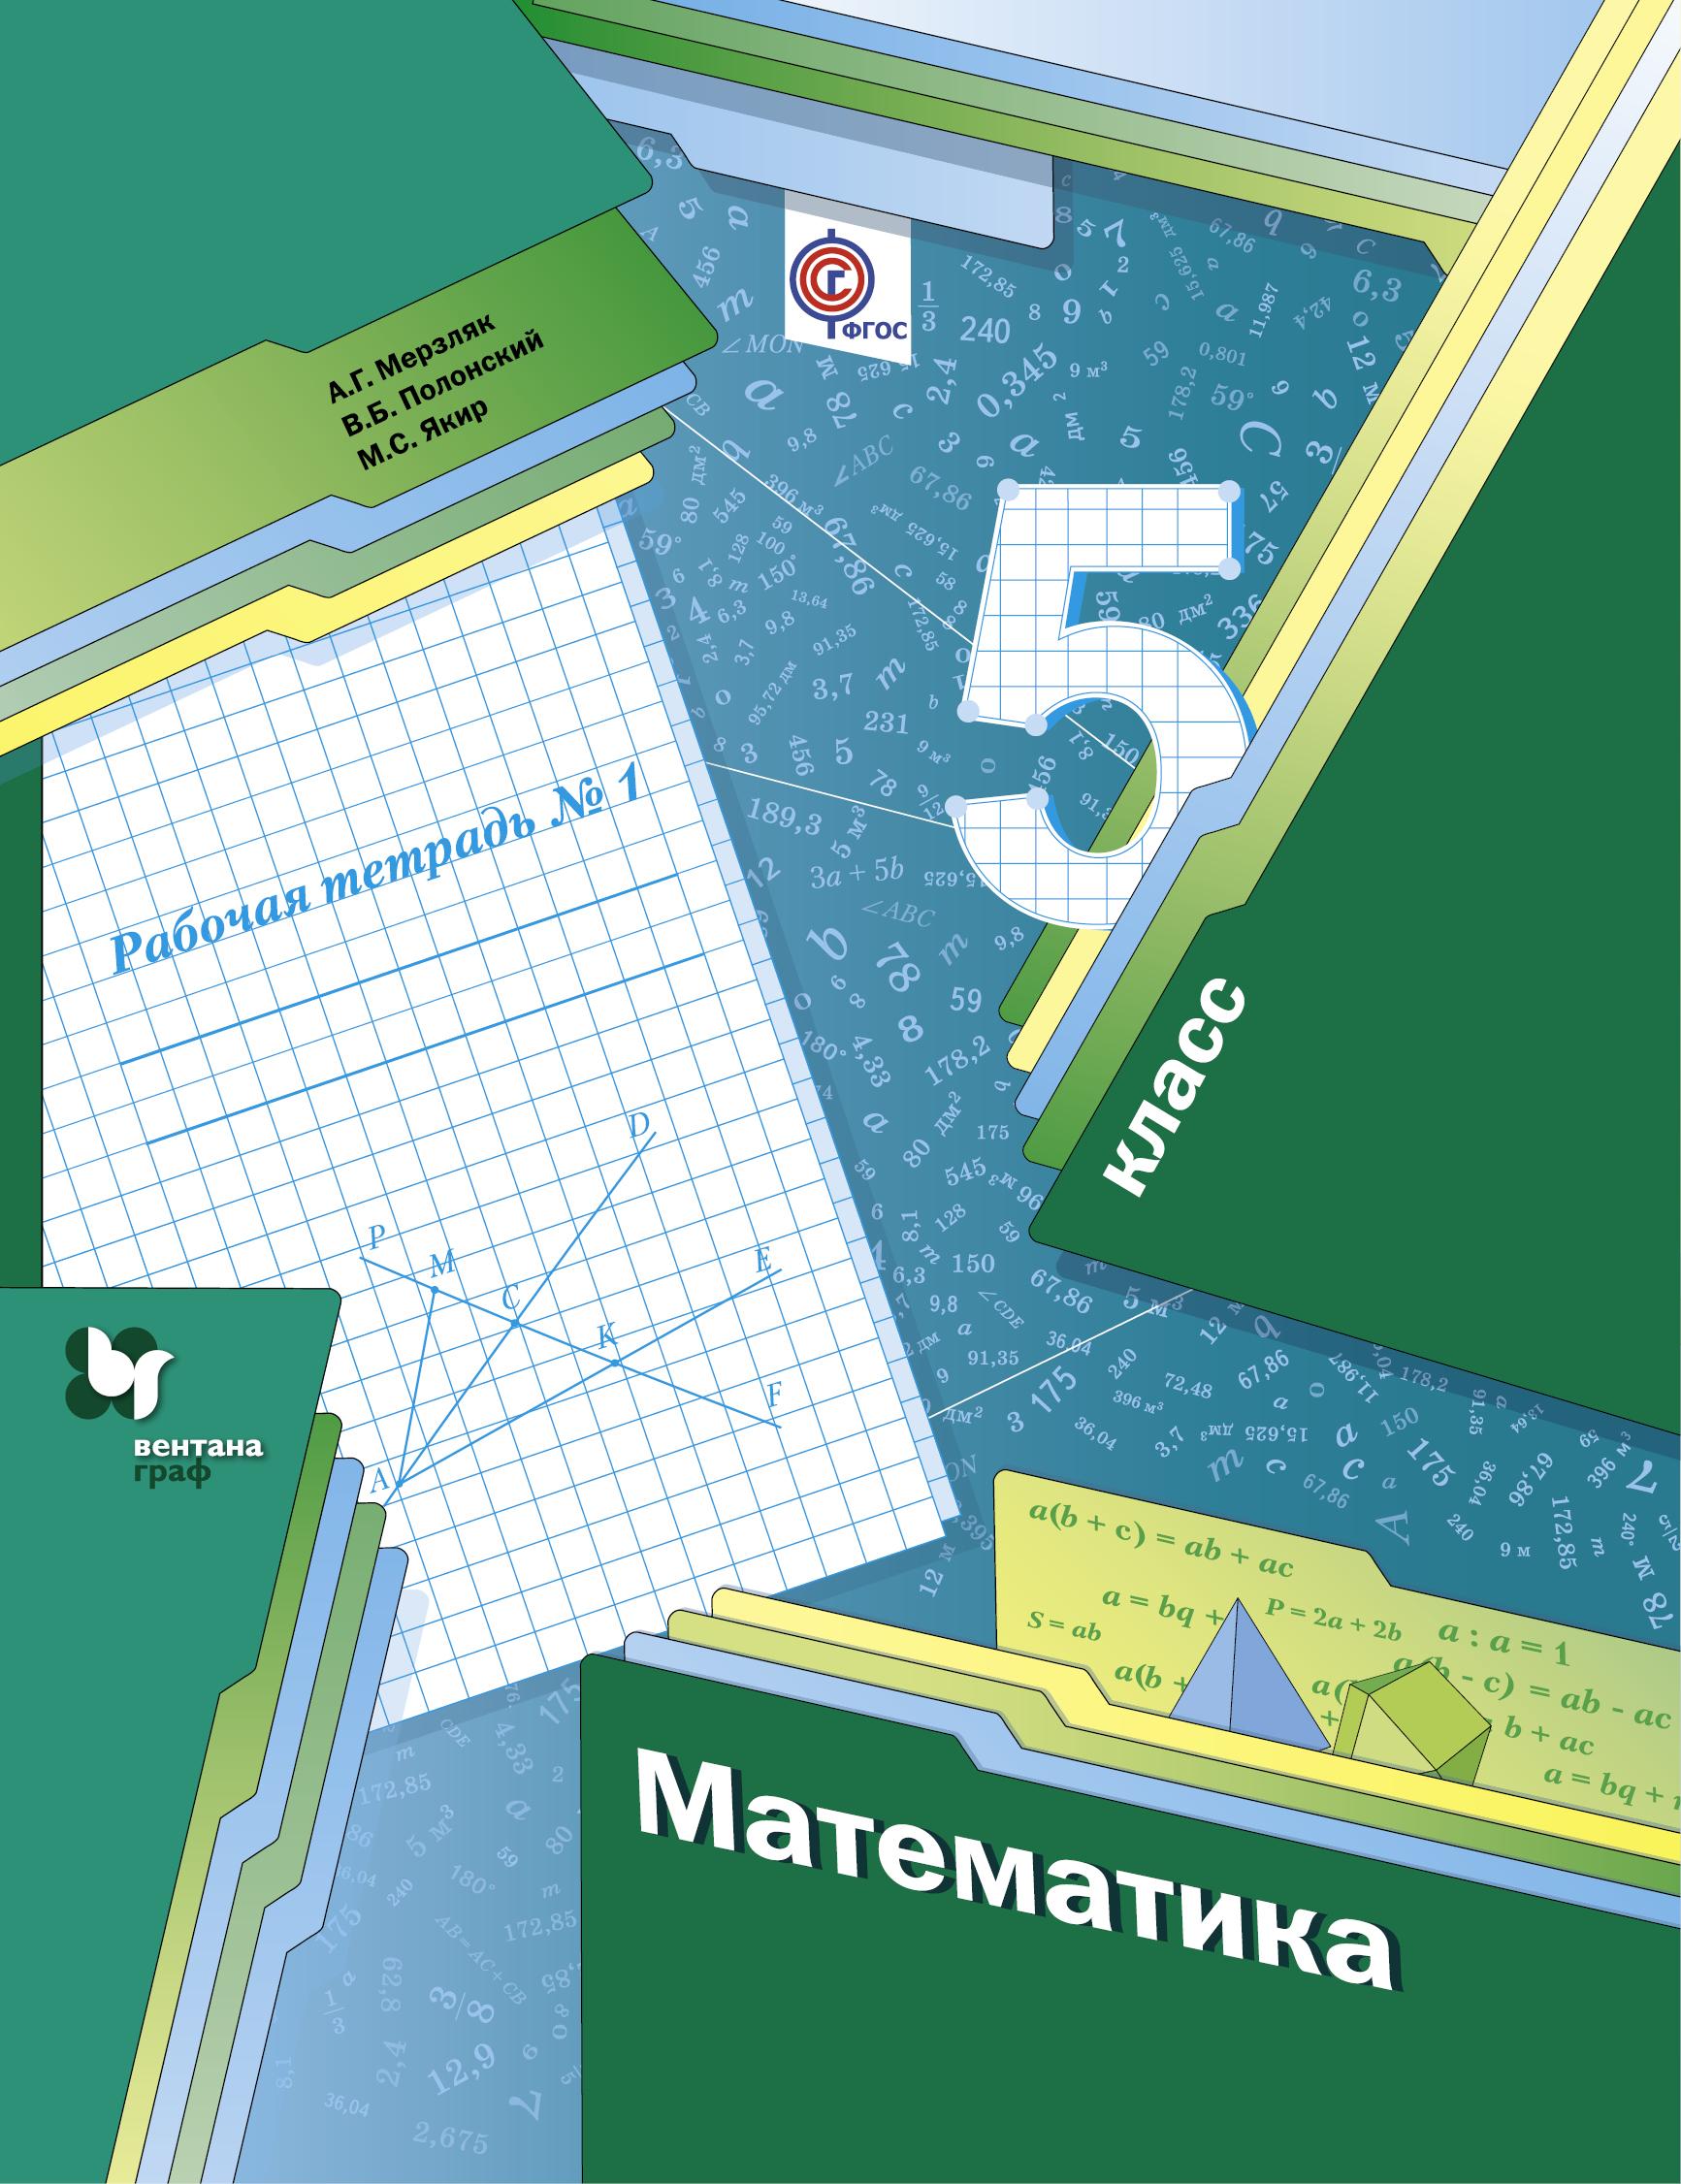 *Математика. 5 класс. Рабочая тетрадь №1